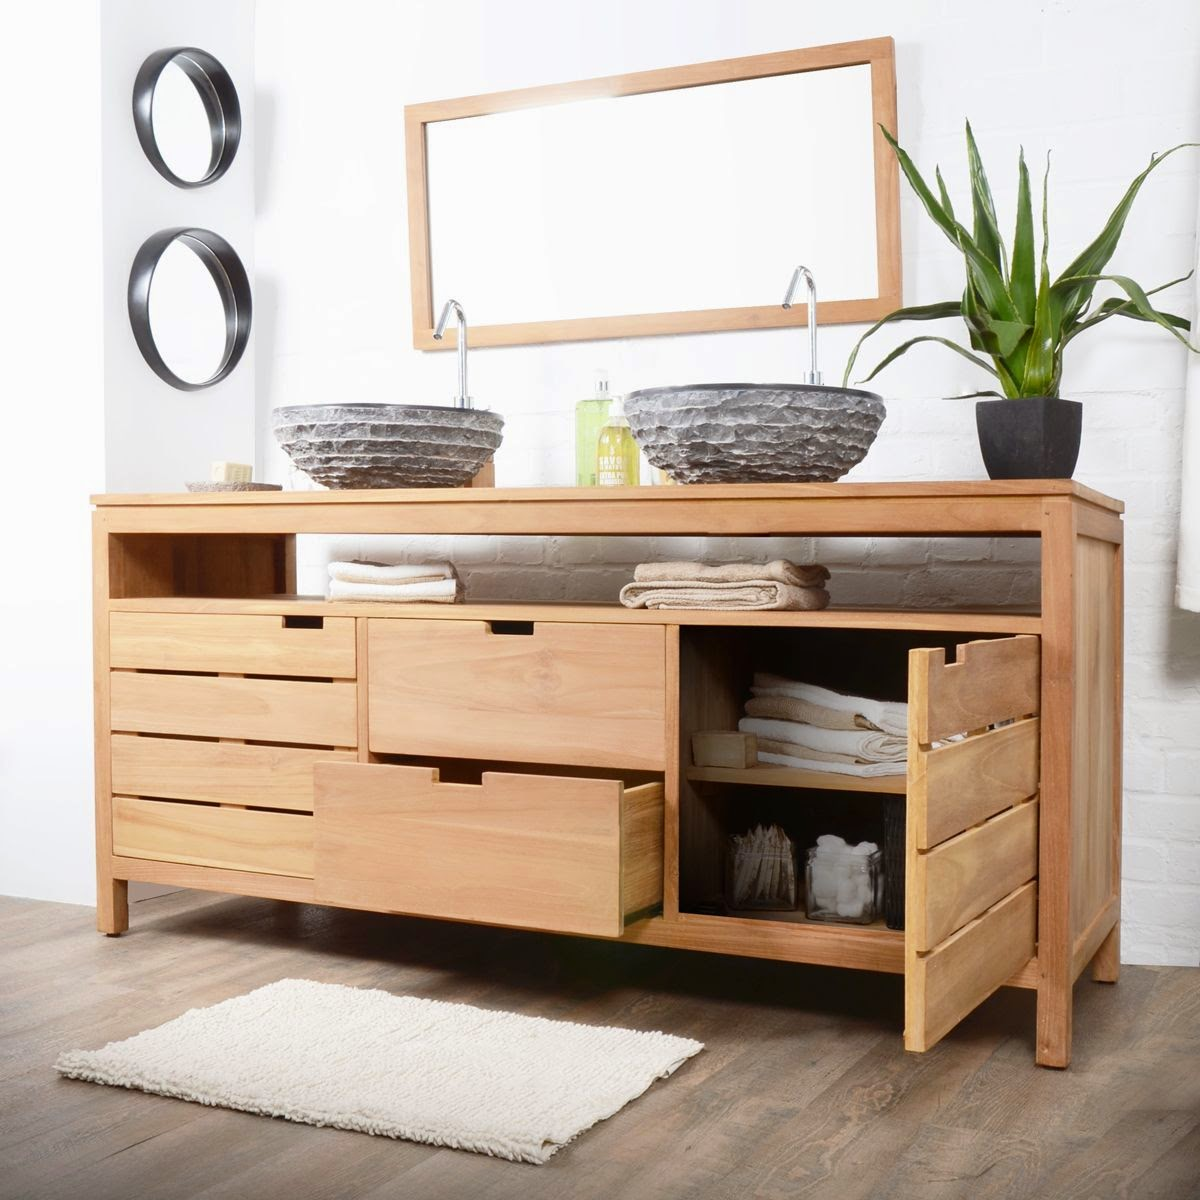 Meuble salle de bain bois 2 vasques meuble d coration maison Meubles de salles de bain